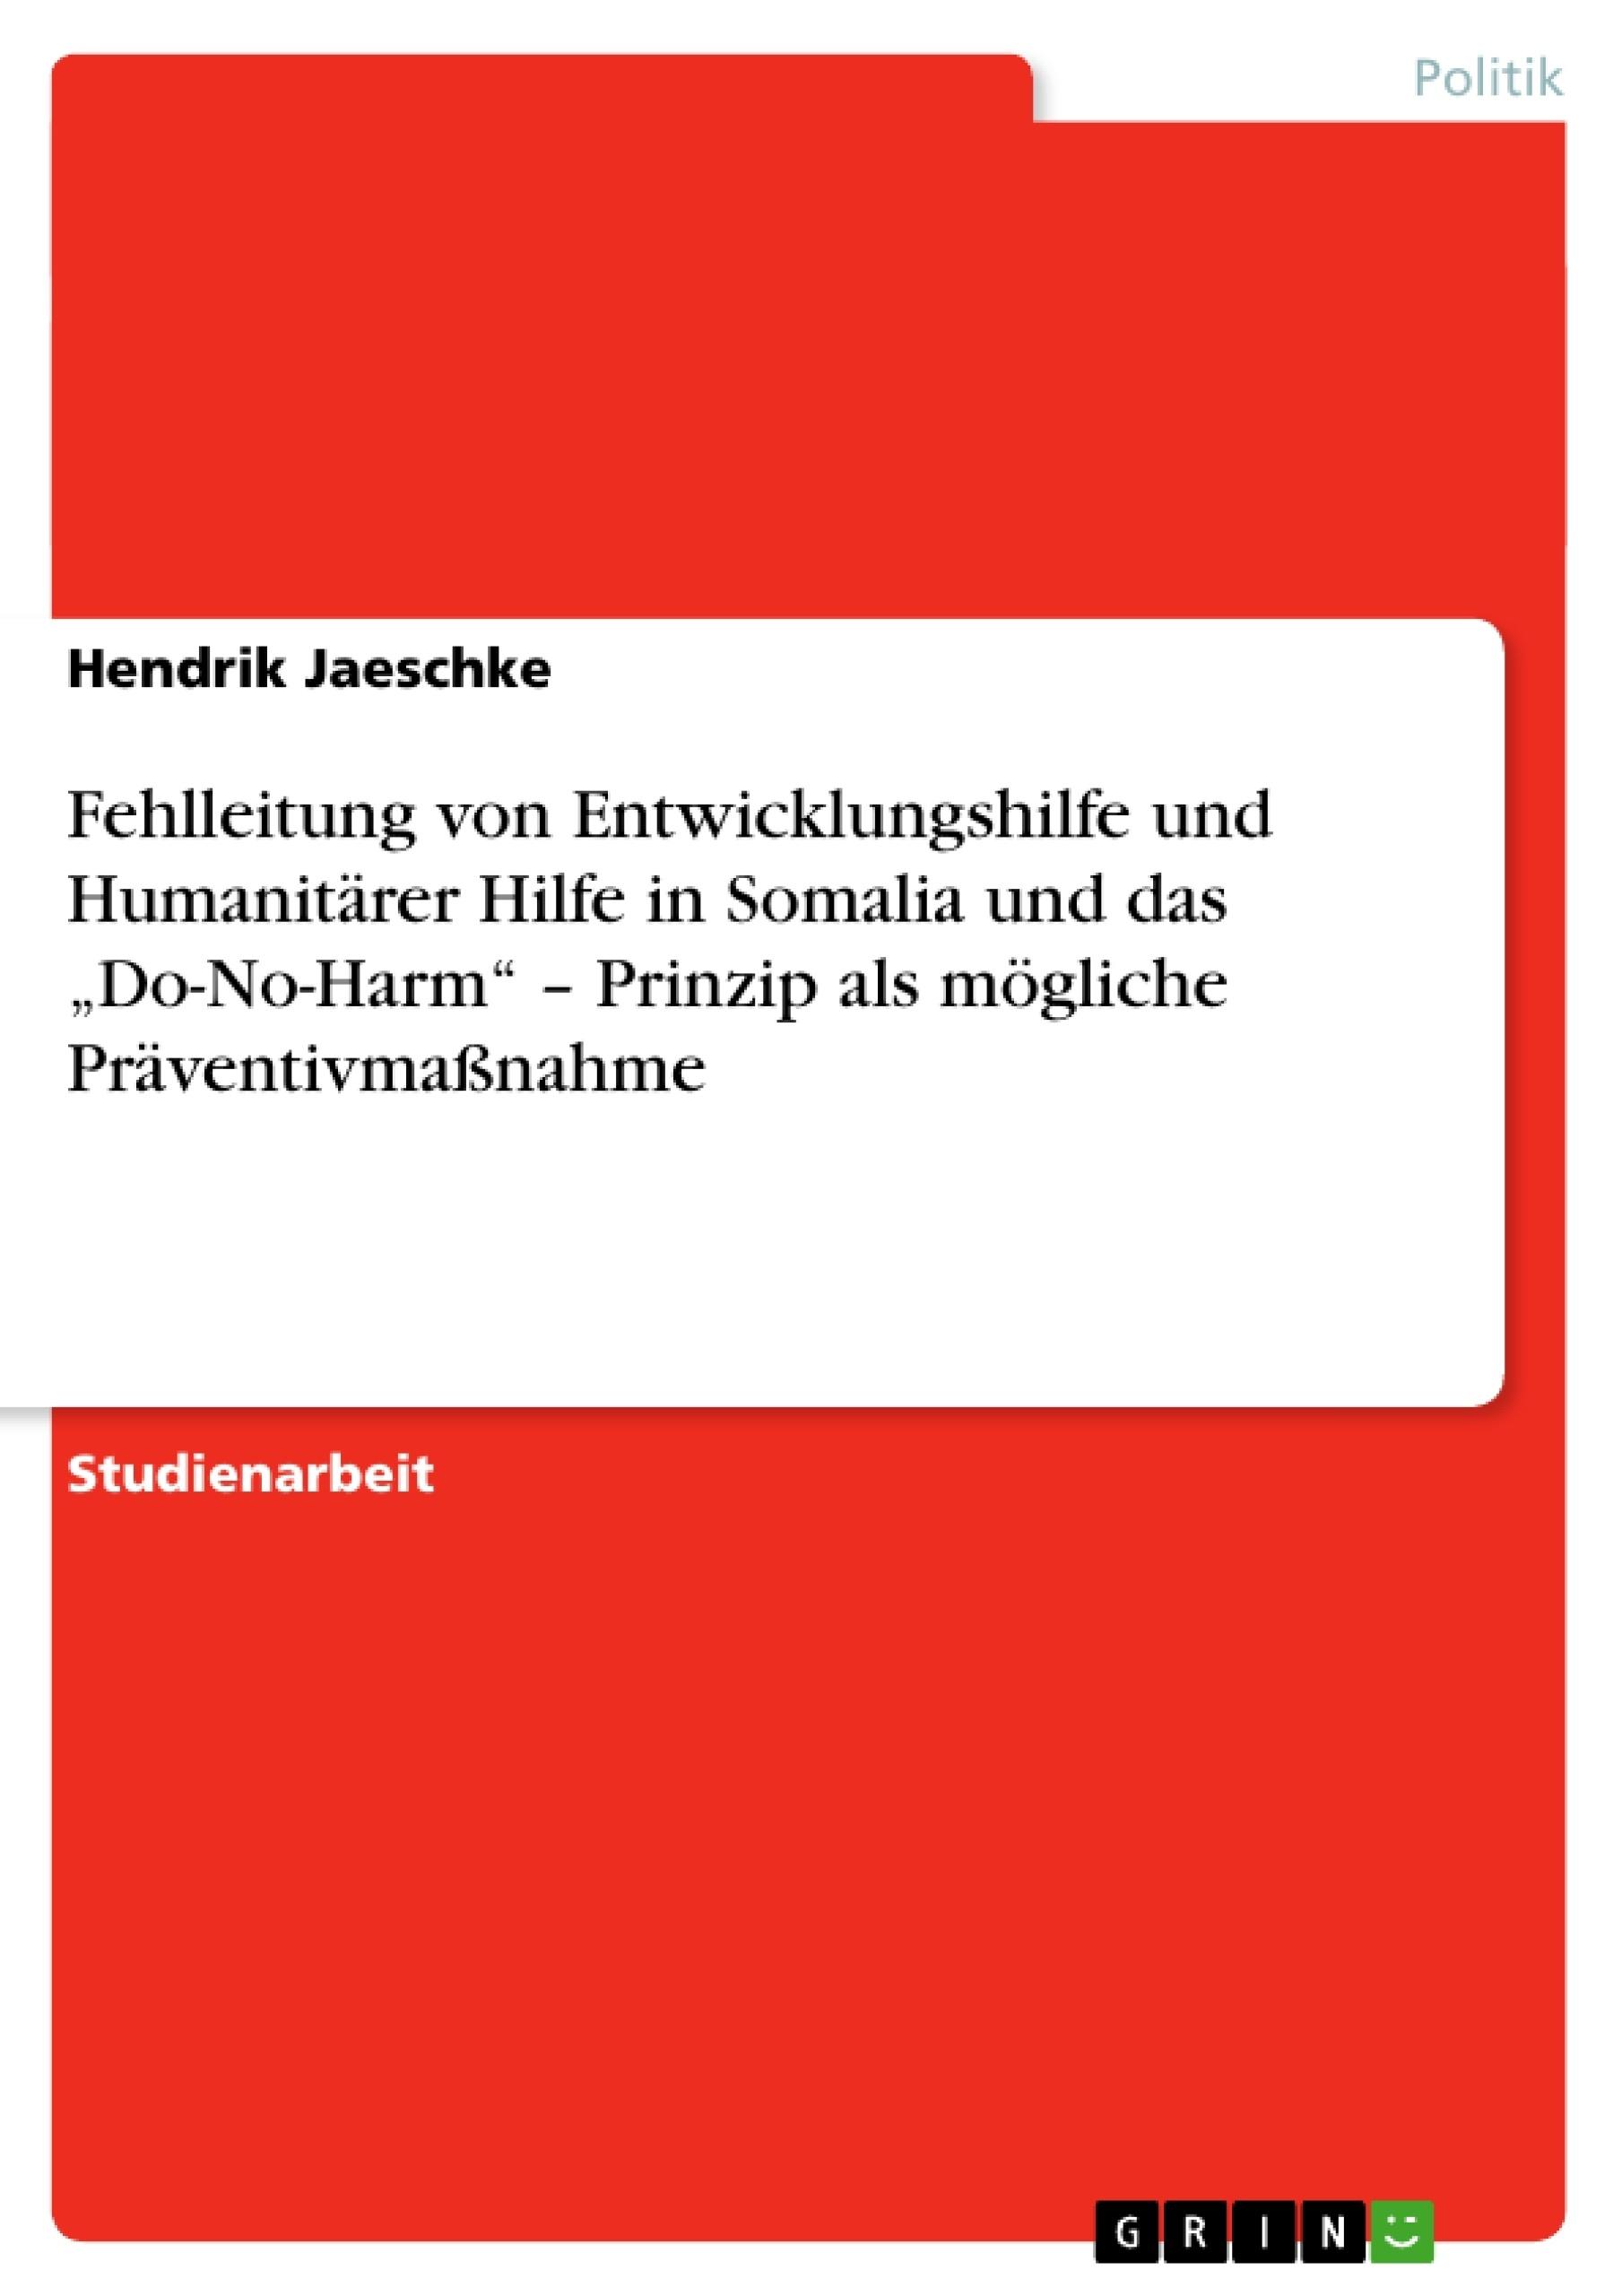 """Titel: Fehlleitung von Entwicklungshilfe und Humanitärer Hilfe in Somalia und das """"Do-No-Harm"""" – Prinzip als mögliche Präventivmaßnahme"""